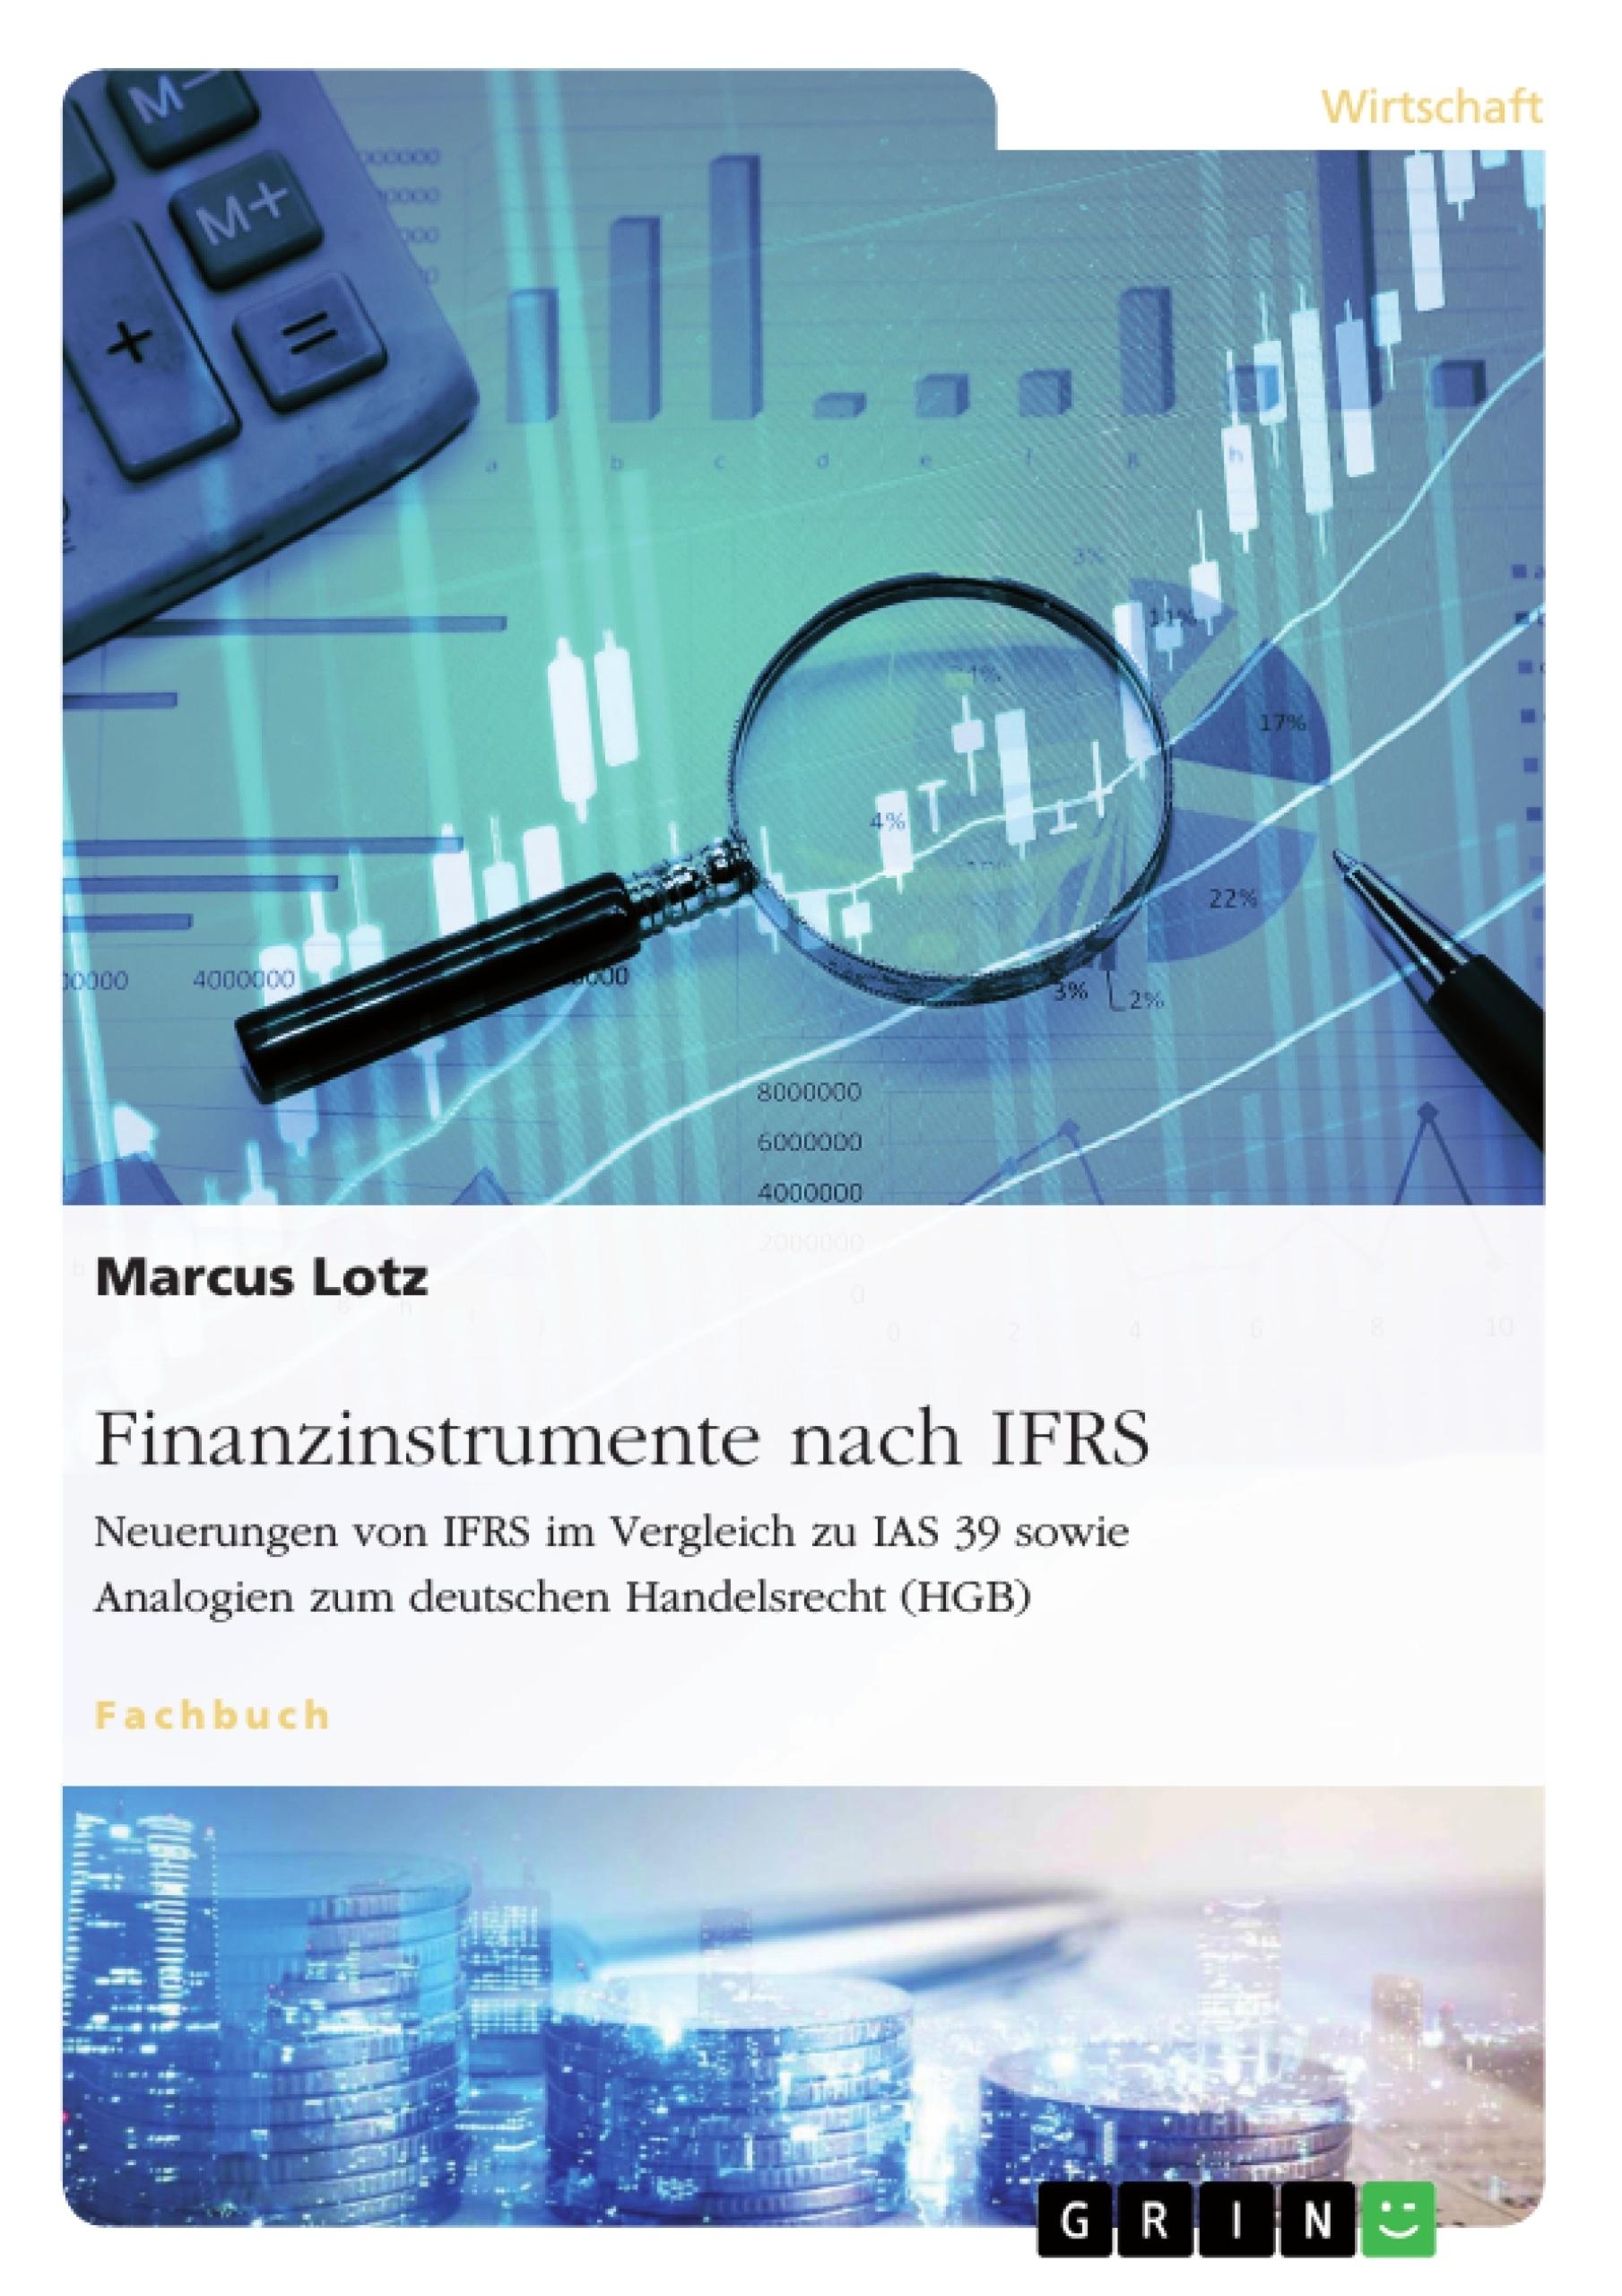 Titel: Finanzinstrumente nach IFRS. Neuerungen von IFRS im Vergleich zu IAS 39 sowie Analogien zum deutschen Handelsrecht (HGB)